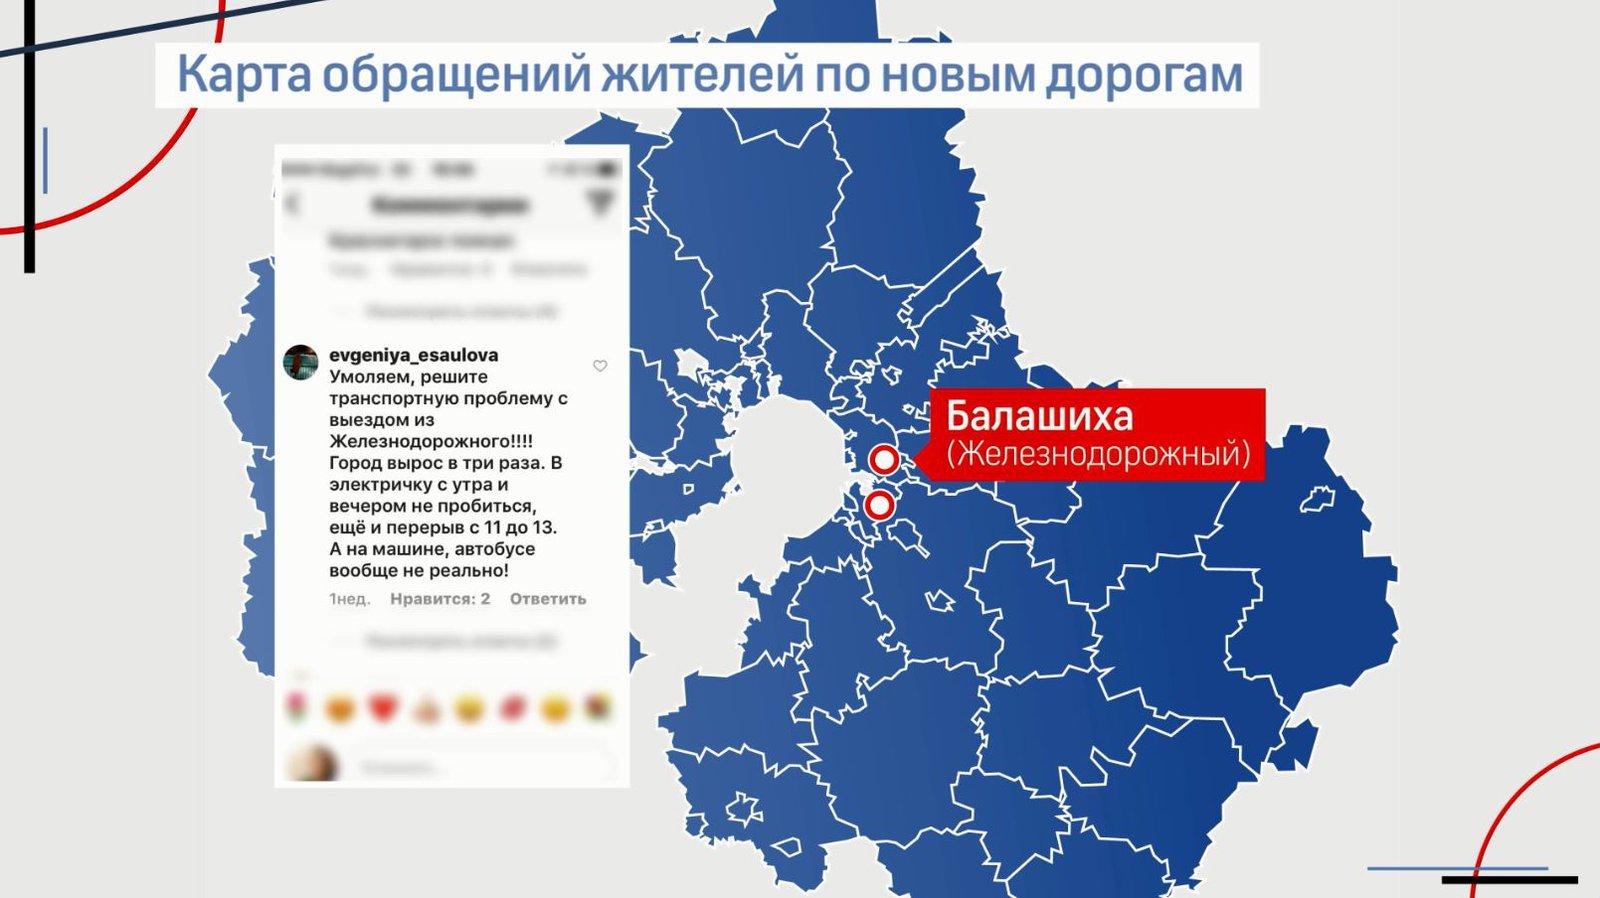 Андрей Воробьев губернатор московской области - Итоги мая в эфире телеканала «360°»